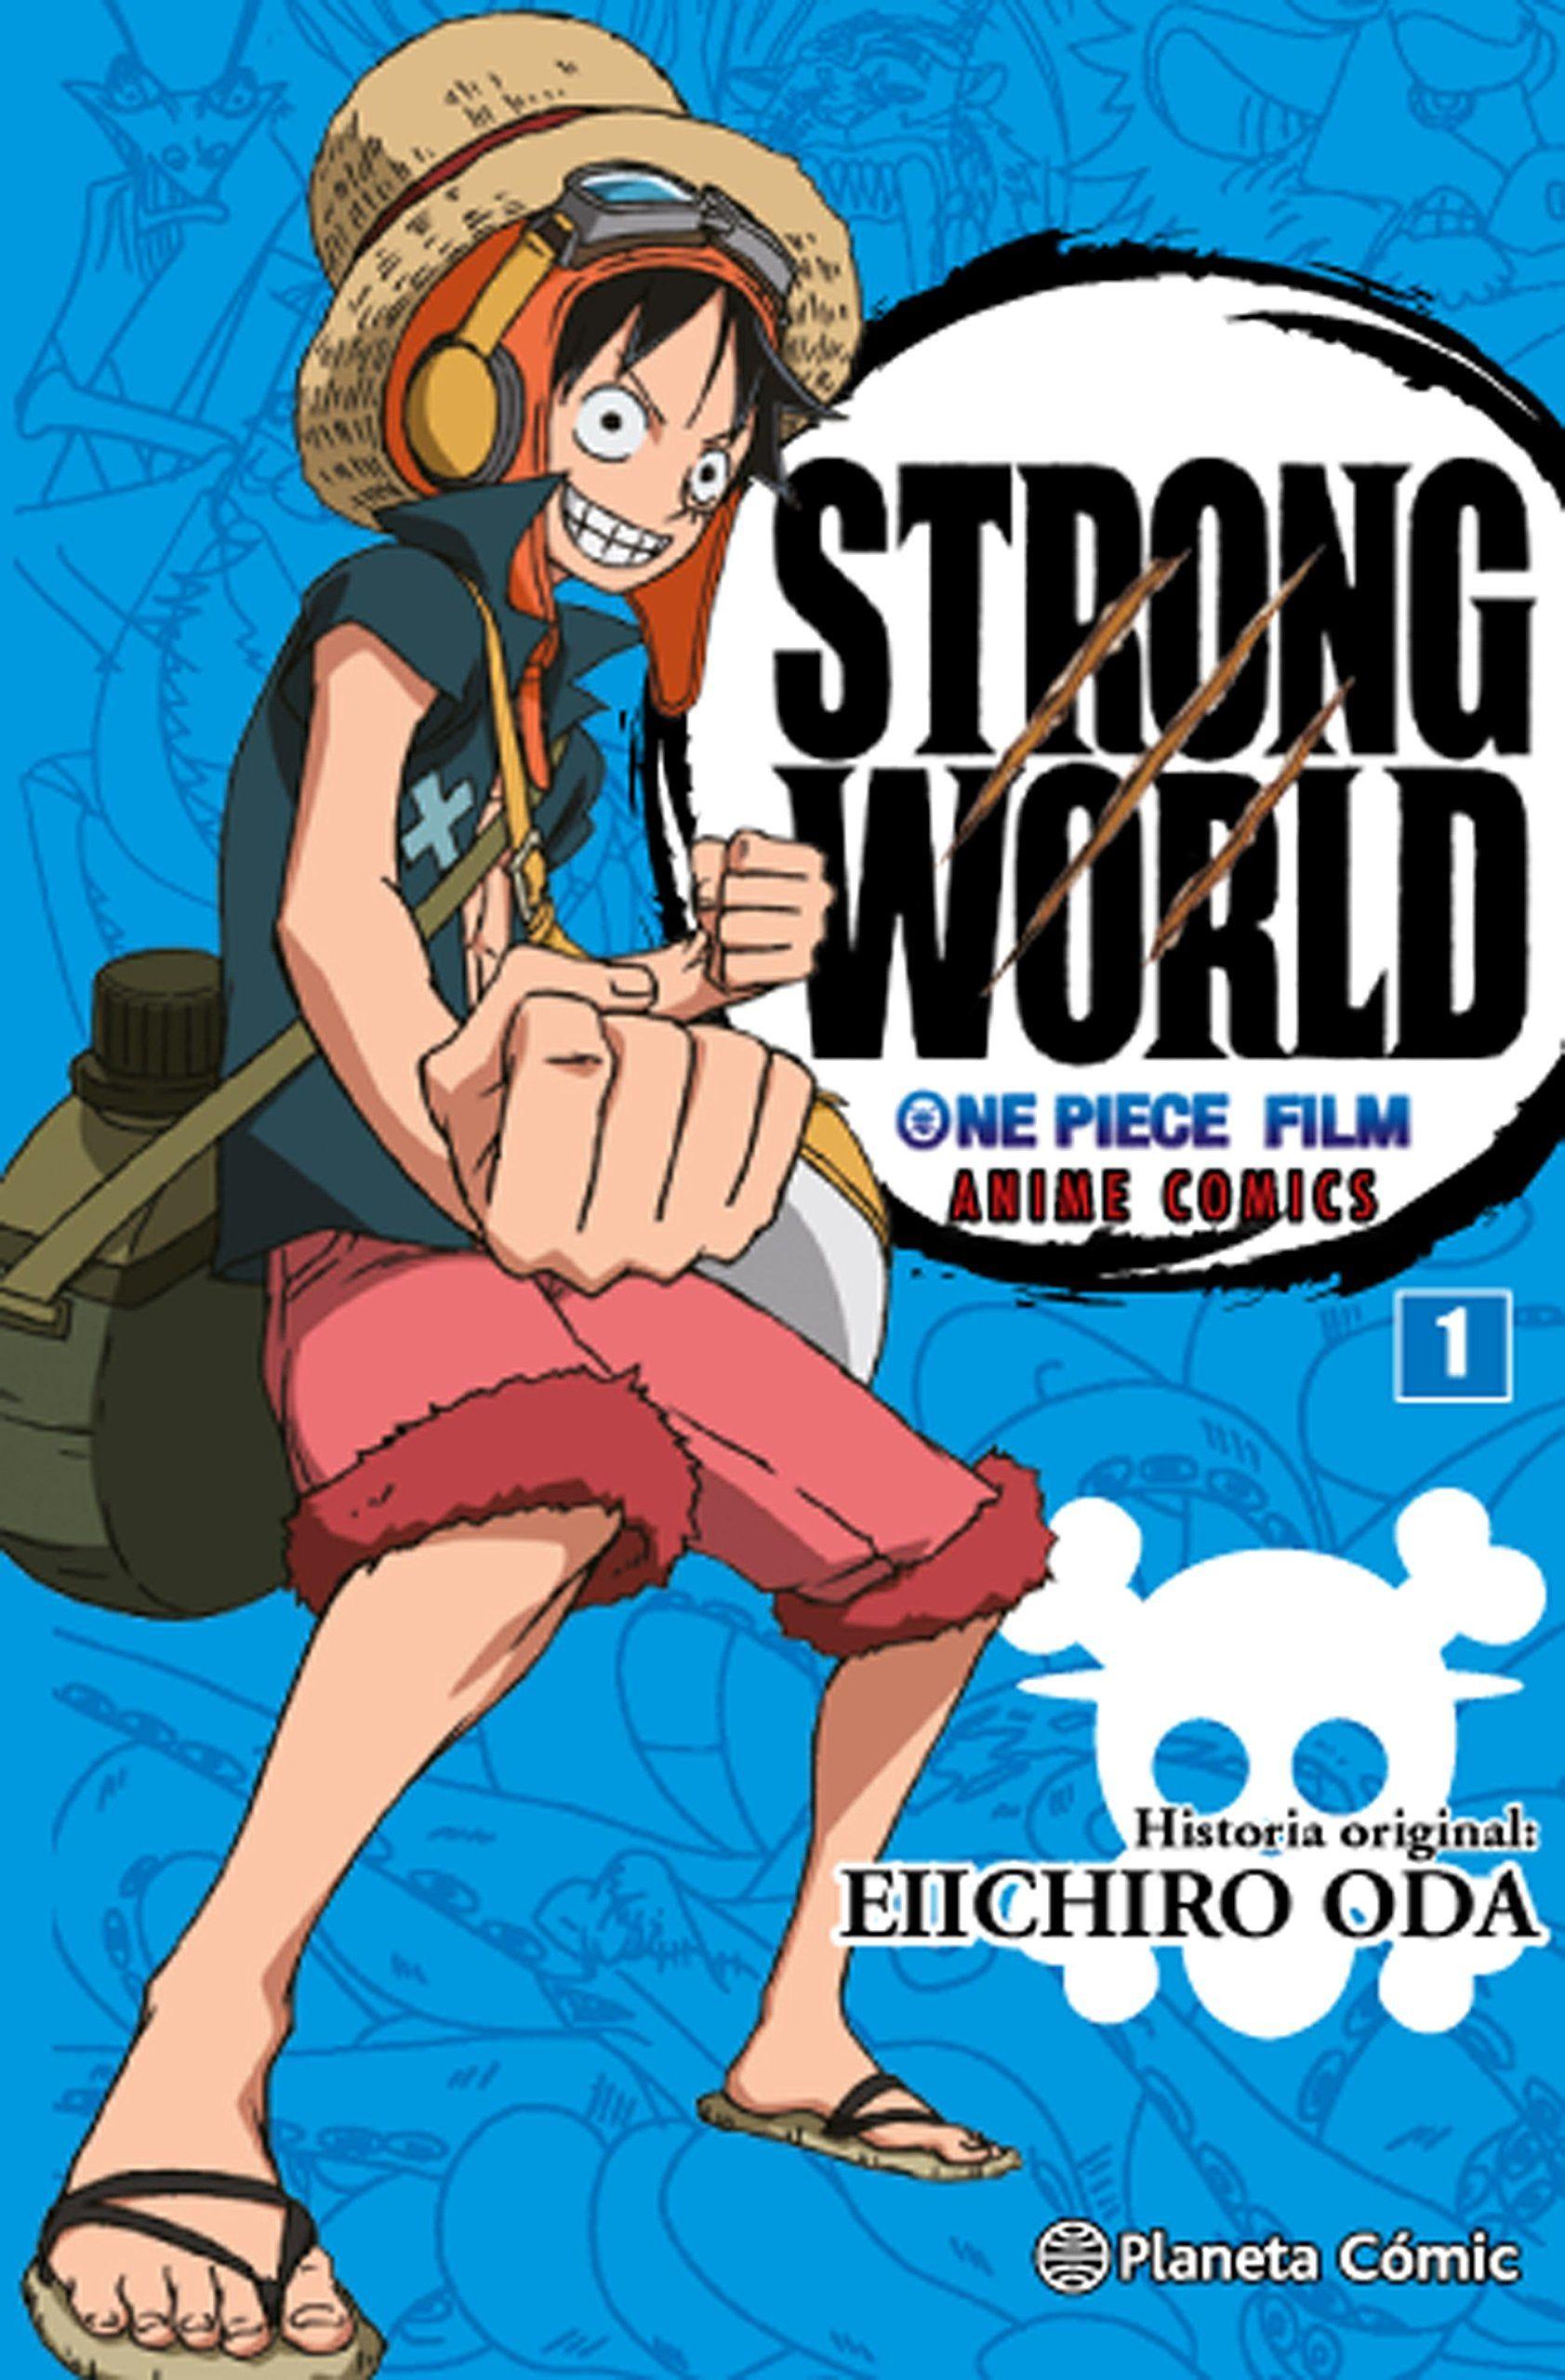 One Piece Film: Strong World (Anime Comics) - Empezado el 21/5/2016 - Terminado el 20/6/2016